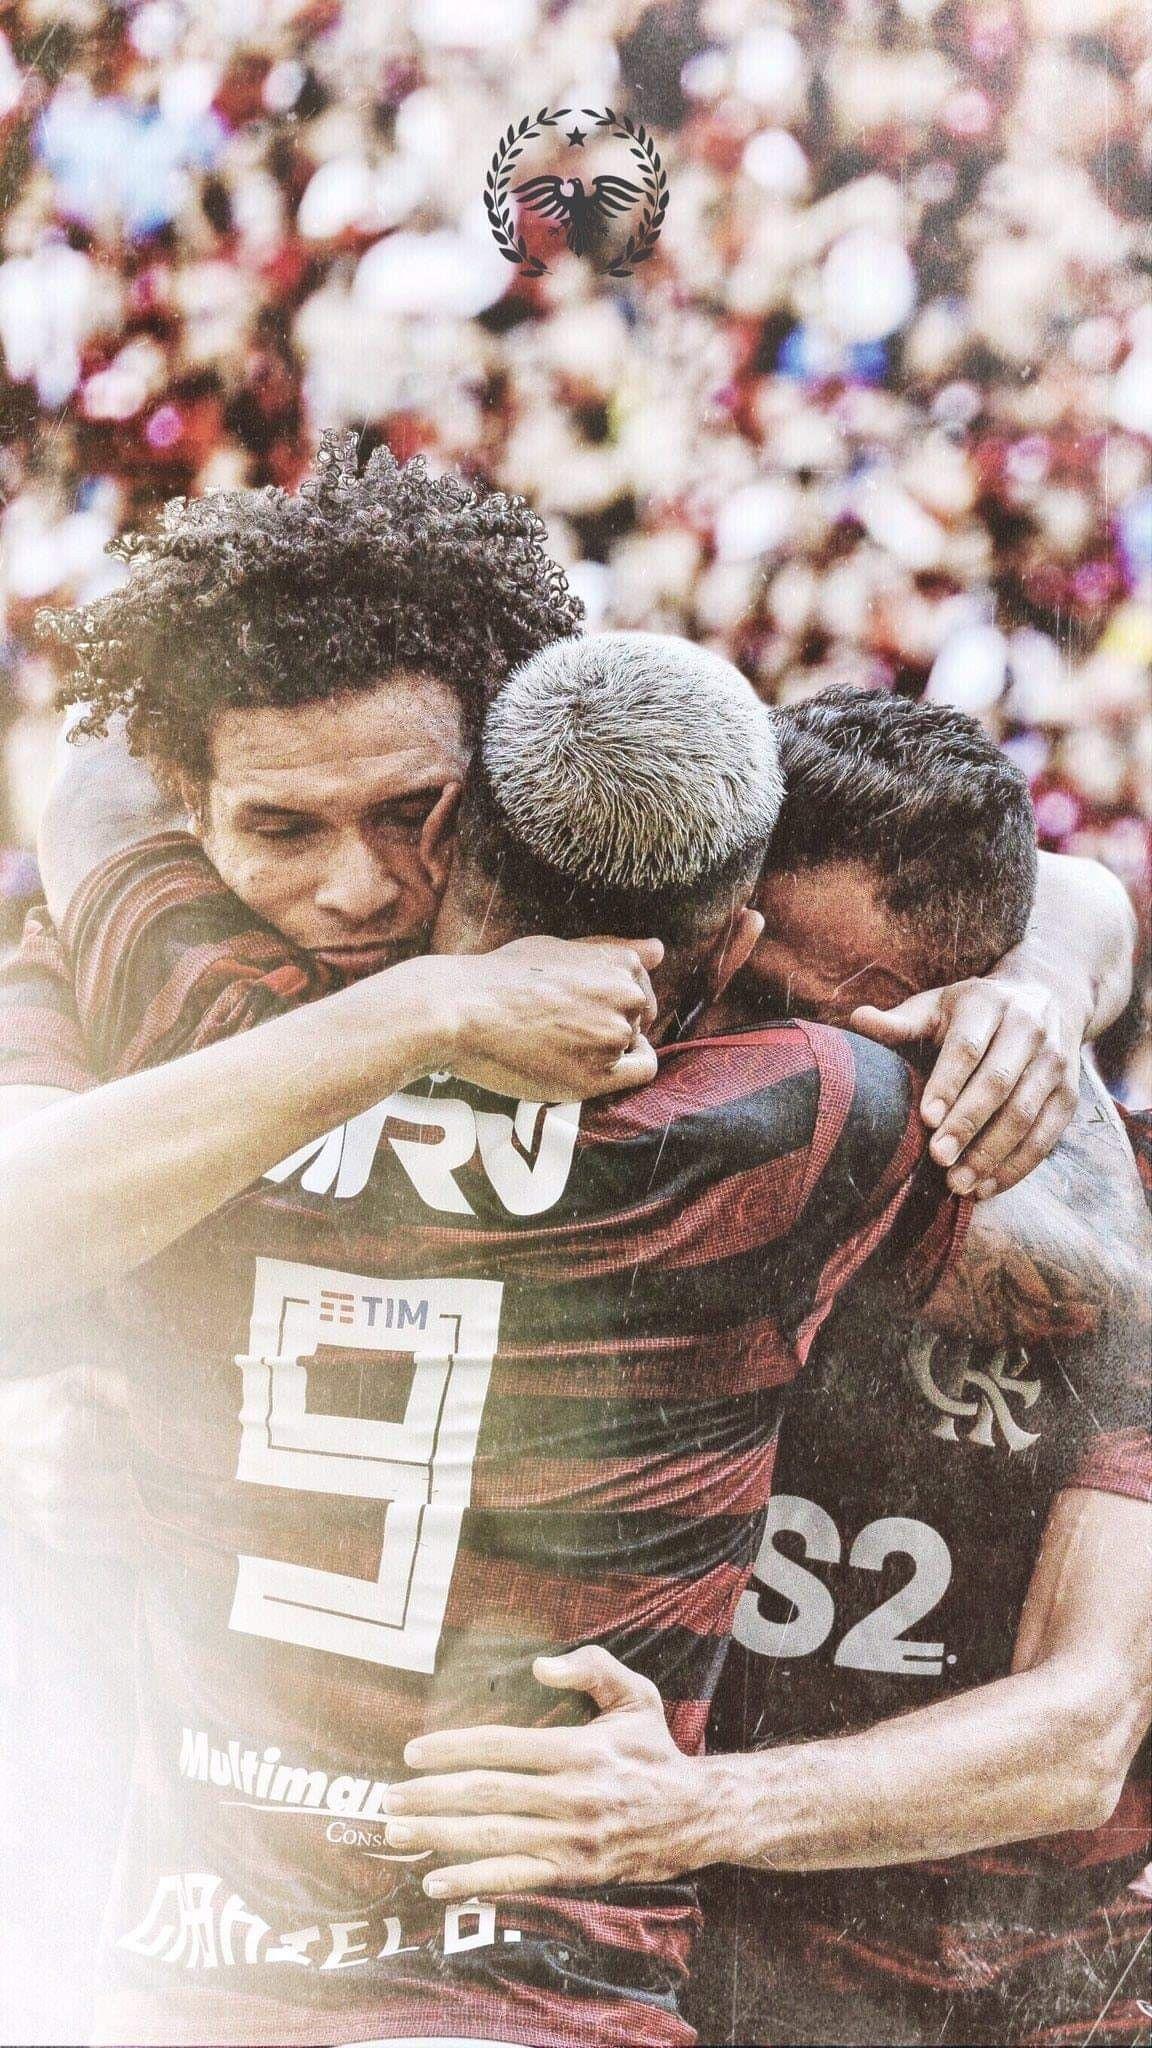 Pin de SoUsA1997 em Flamengo em 2020 Isso aqui é